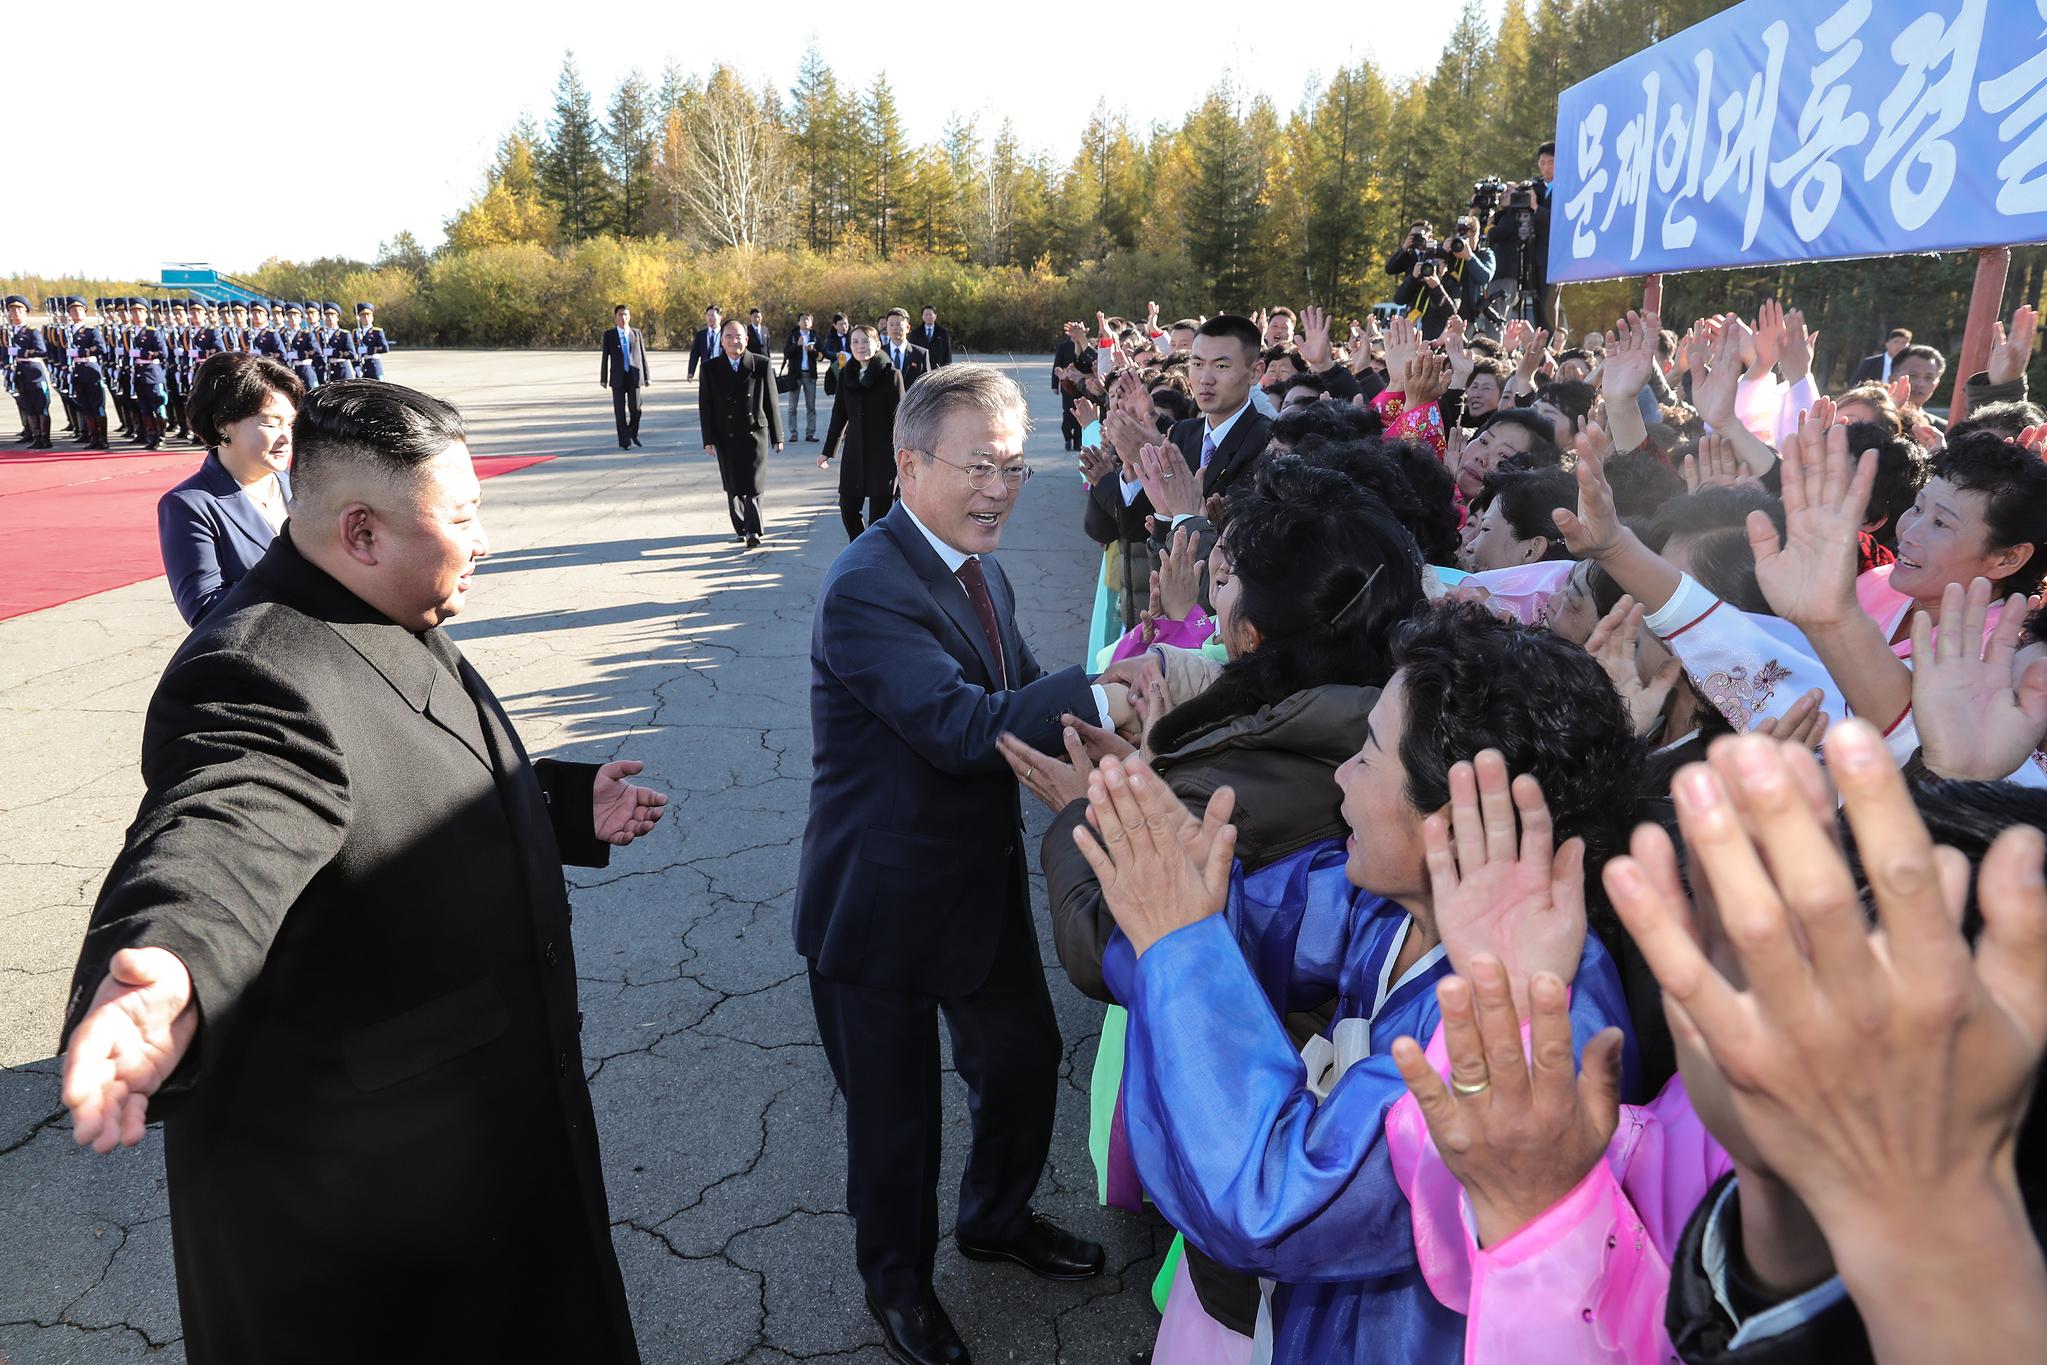 문재인 대통령이 20일 오전 백두산 등정을 위해 삼지연 공항에 도착한 뒤 환영 나온 주민들과 인사하고 있다.왼쪽 김정은 위원장이 문 대통령을 안내하고 있다. 평양사진공동취재단